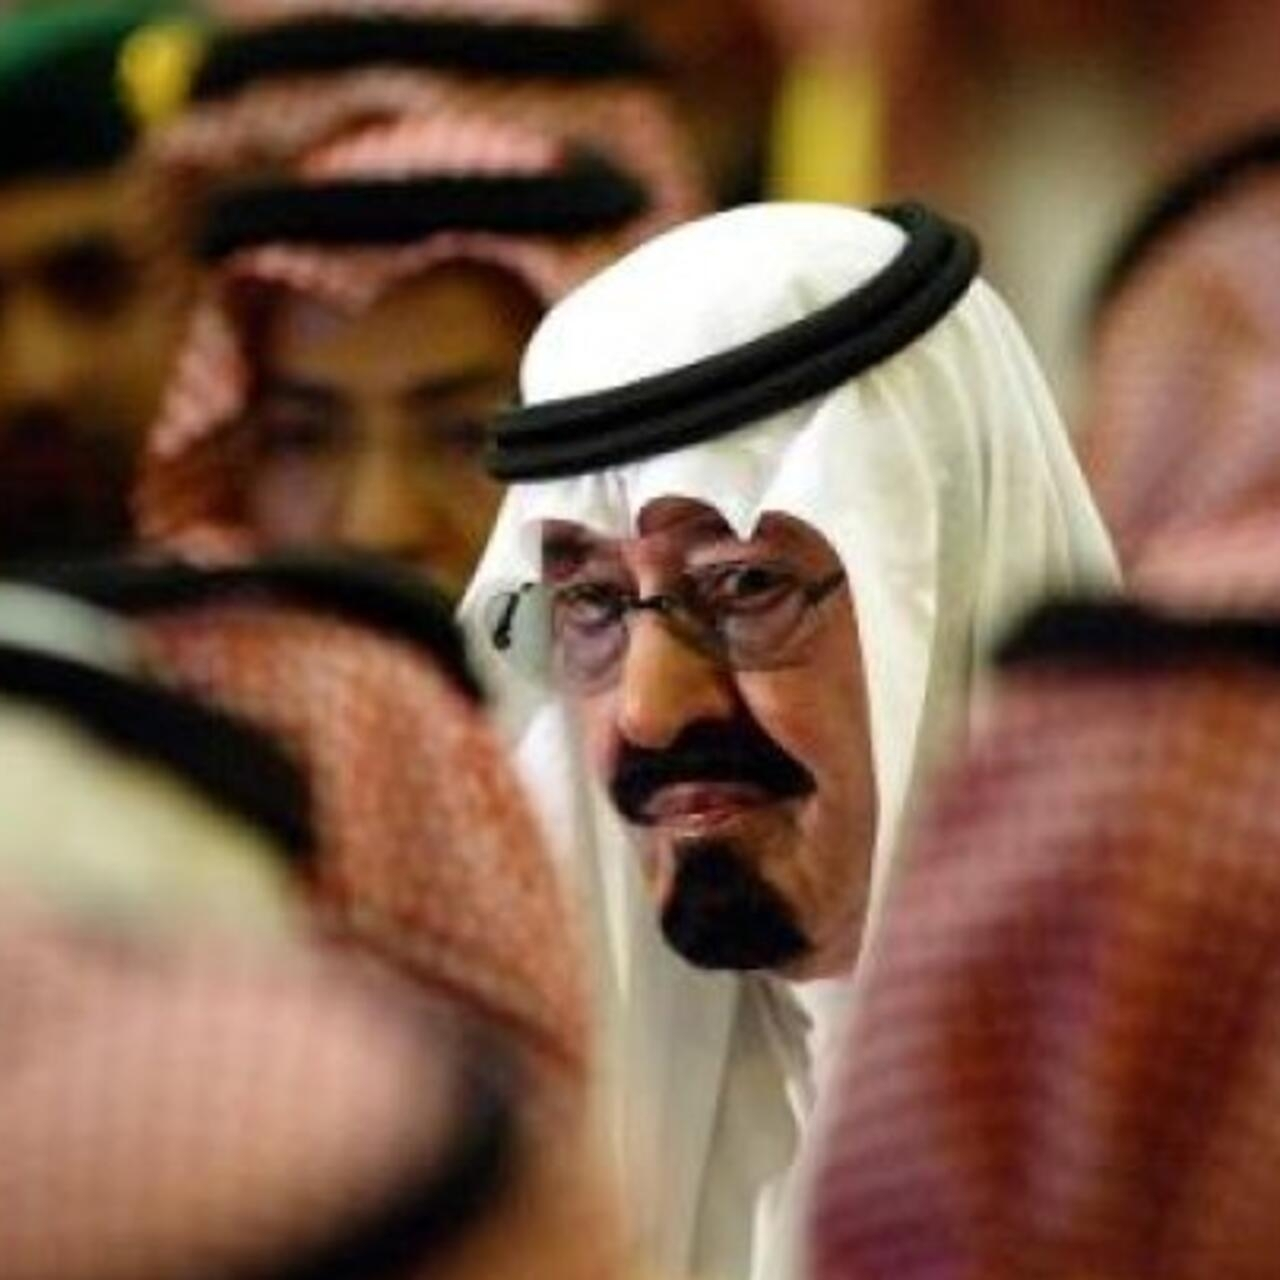 وفاة العاهل السعودي الملك عبد الله بن عبد العزيز ومبايعة الأمير سلمان ملكا